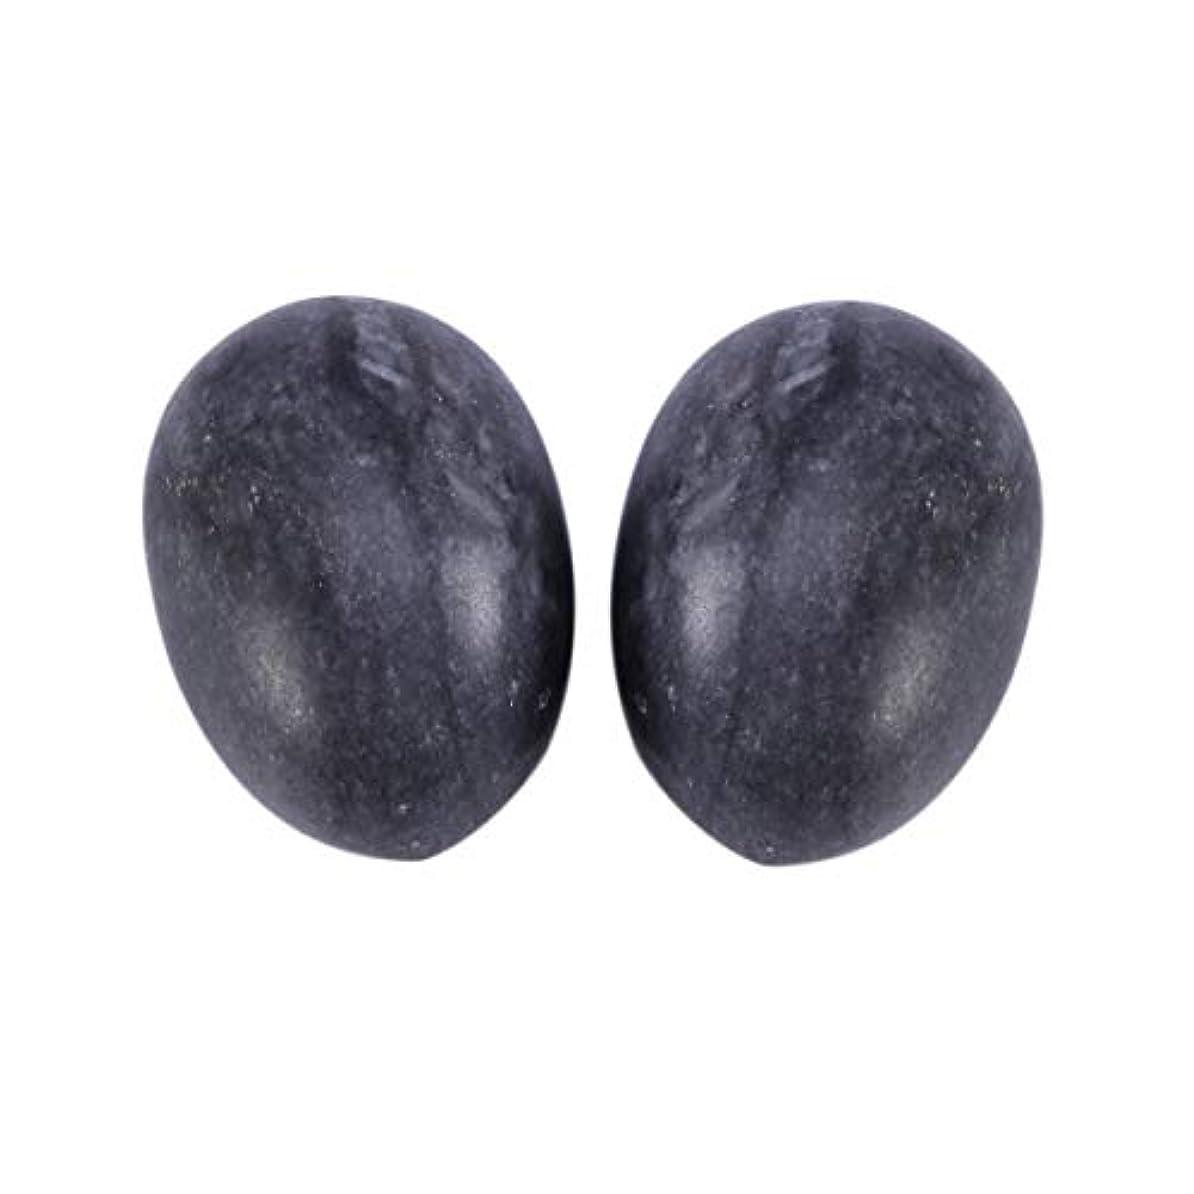 学習動物平手打ちHealifty 6PCS翡翠Yoni卵マッサージ癒しの石のケゲル運動骨盤底筋運動(黒)